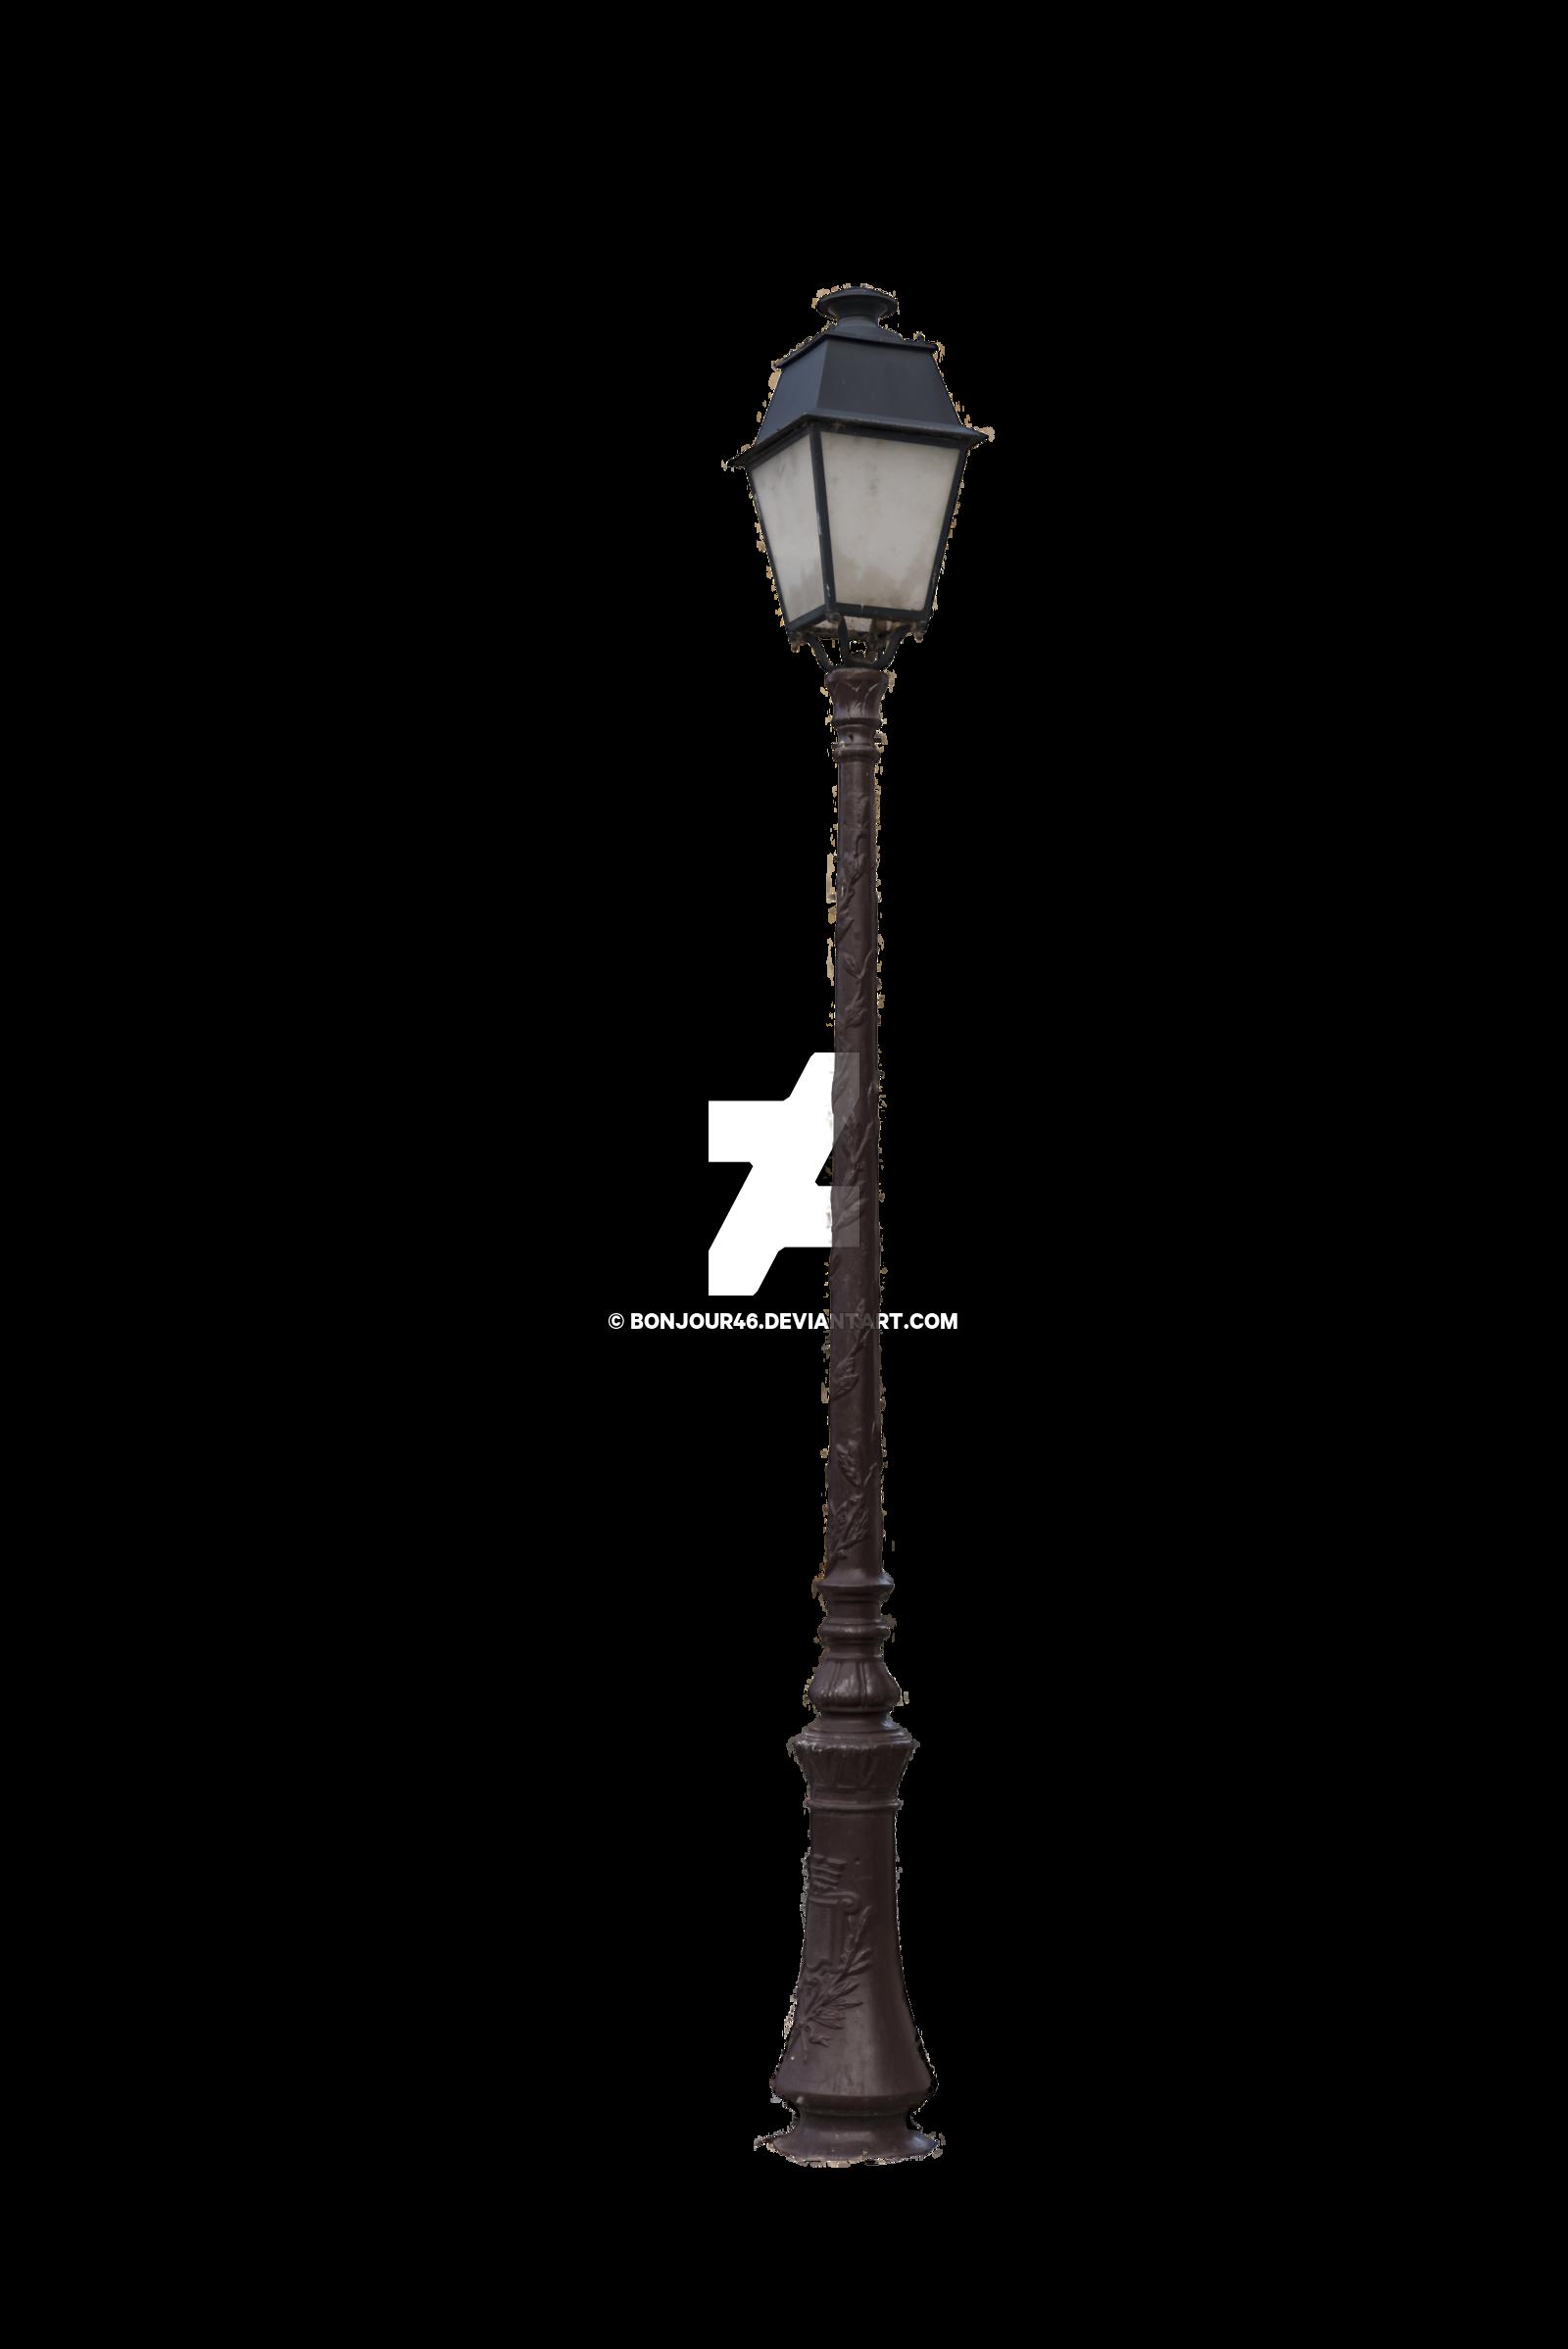 PNG Lamp Post Transparent Lamp Post.PNG Images..